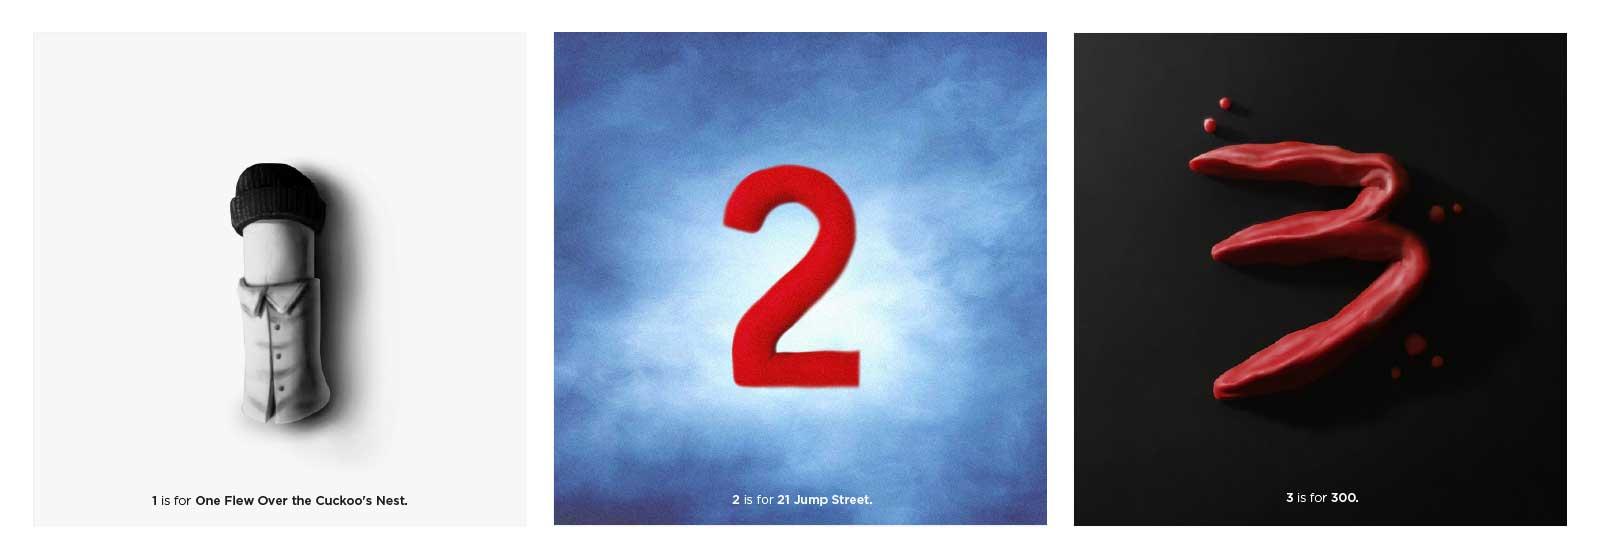 Film-Alphabet aus Knet-Buchstaben 36-days-of-type-and-movie-Marv-Castillo_11